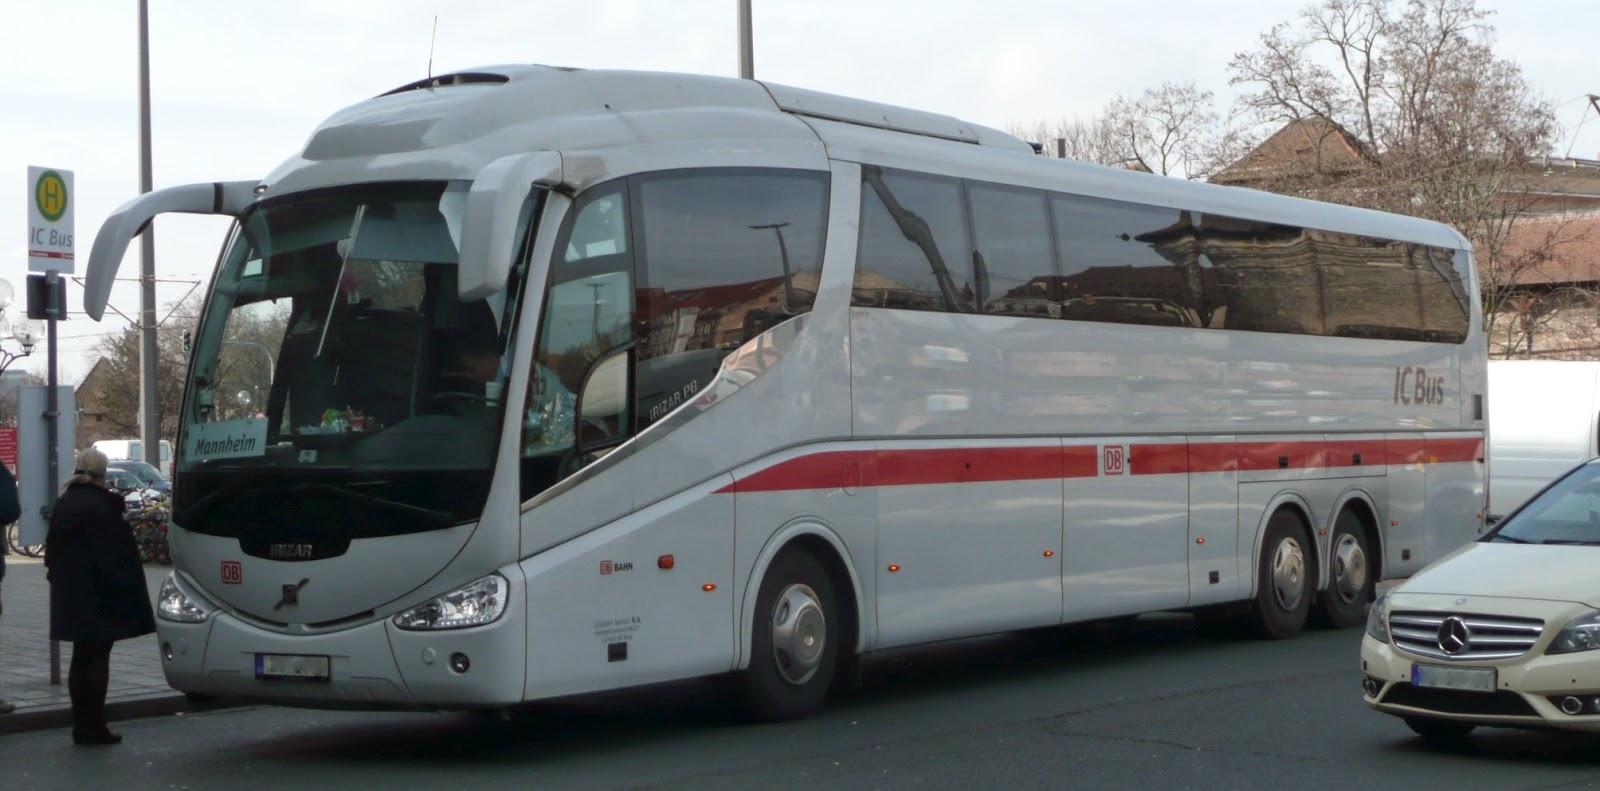 unterfrankes welt db ic bus in n rnberg vor dem hbf. Black Bedroom Furniture Sets. Home Design Ideas